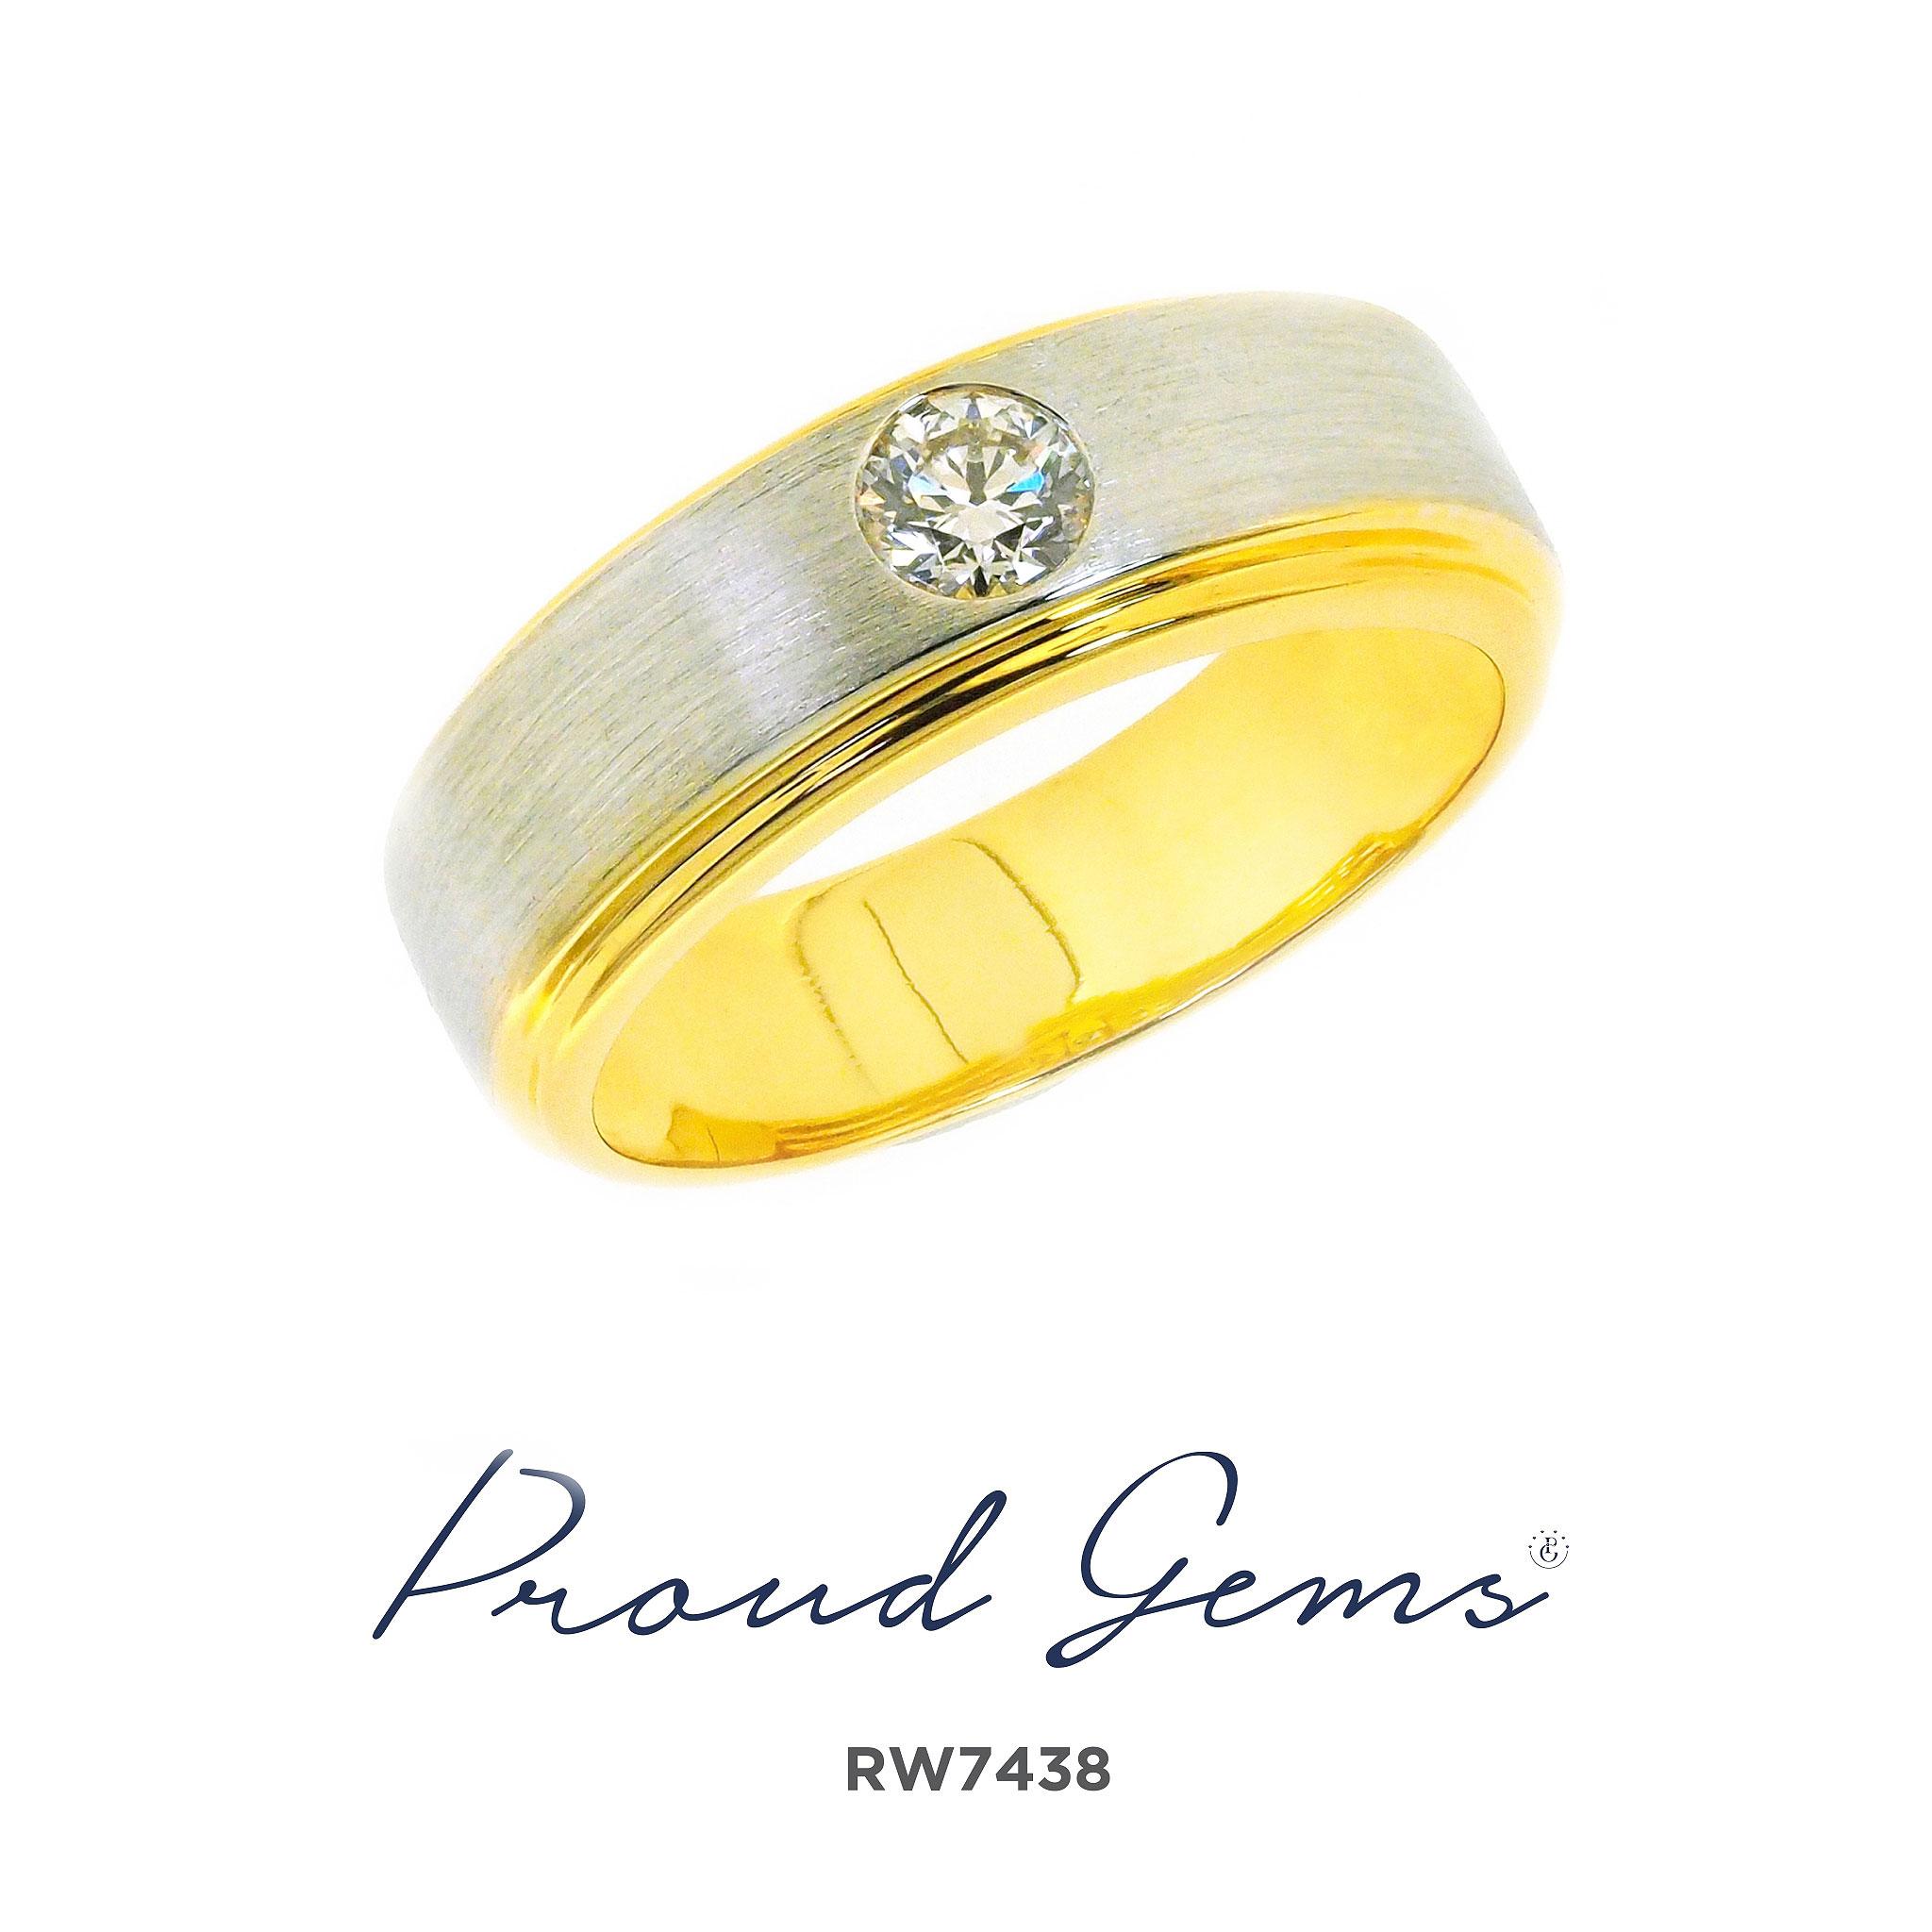 7438RW W 300x300 - แหวนผู้ชาย RW7438